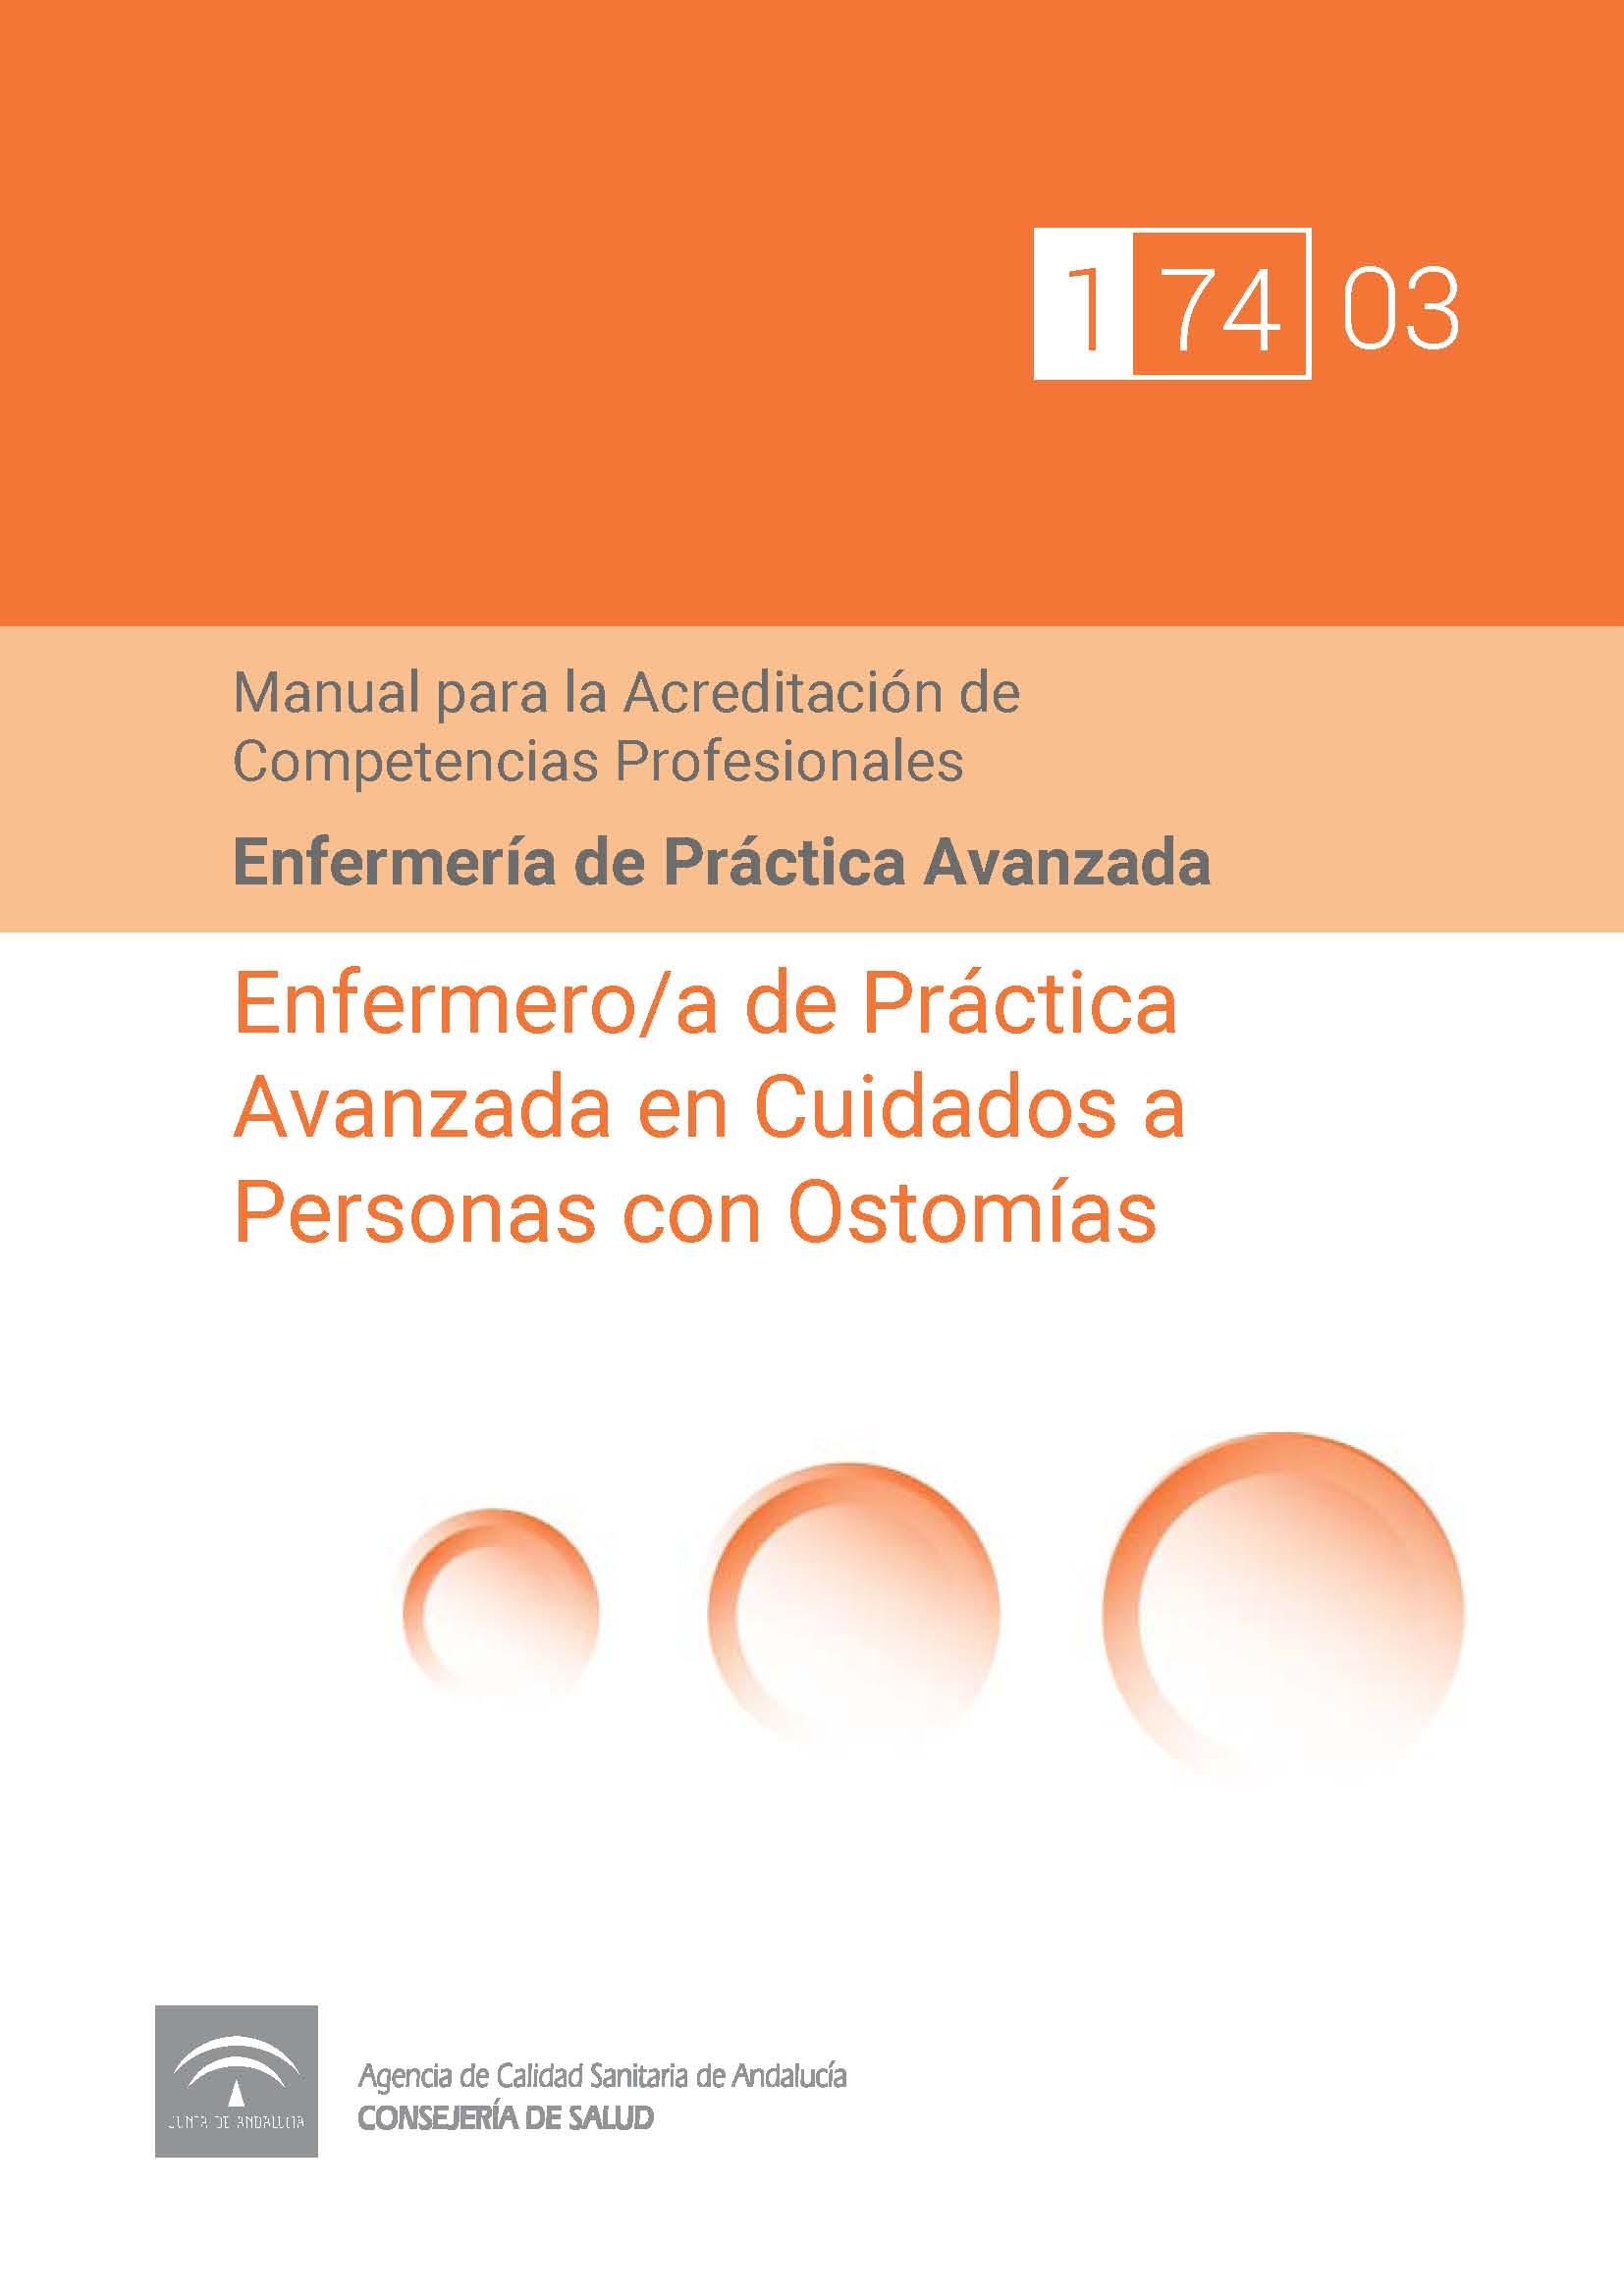 Manual de Competencias Profesionales del/de la Enfermero/a de Práctica Avanzada en Cuidados a Personas con Ostomías